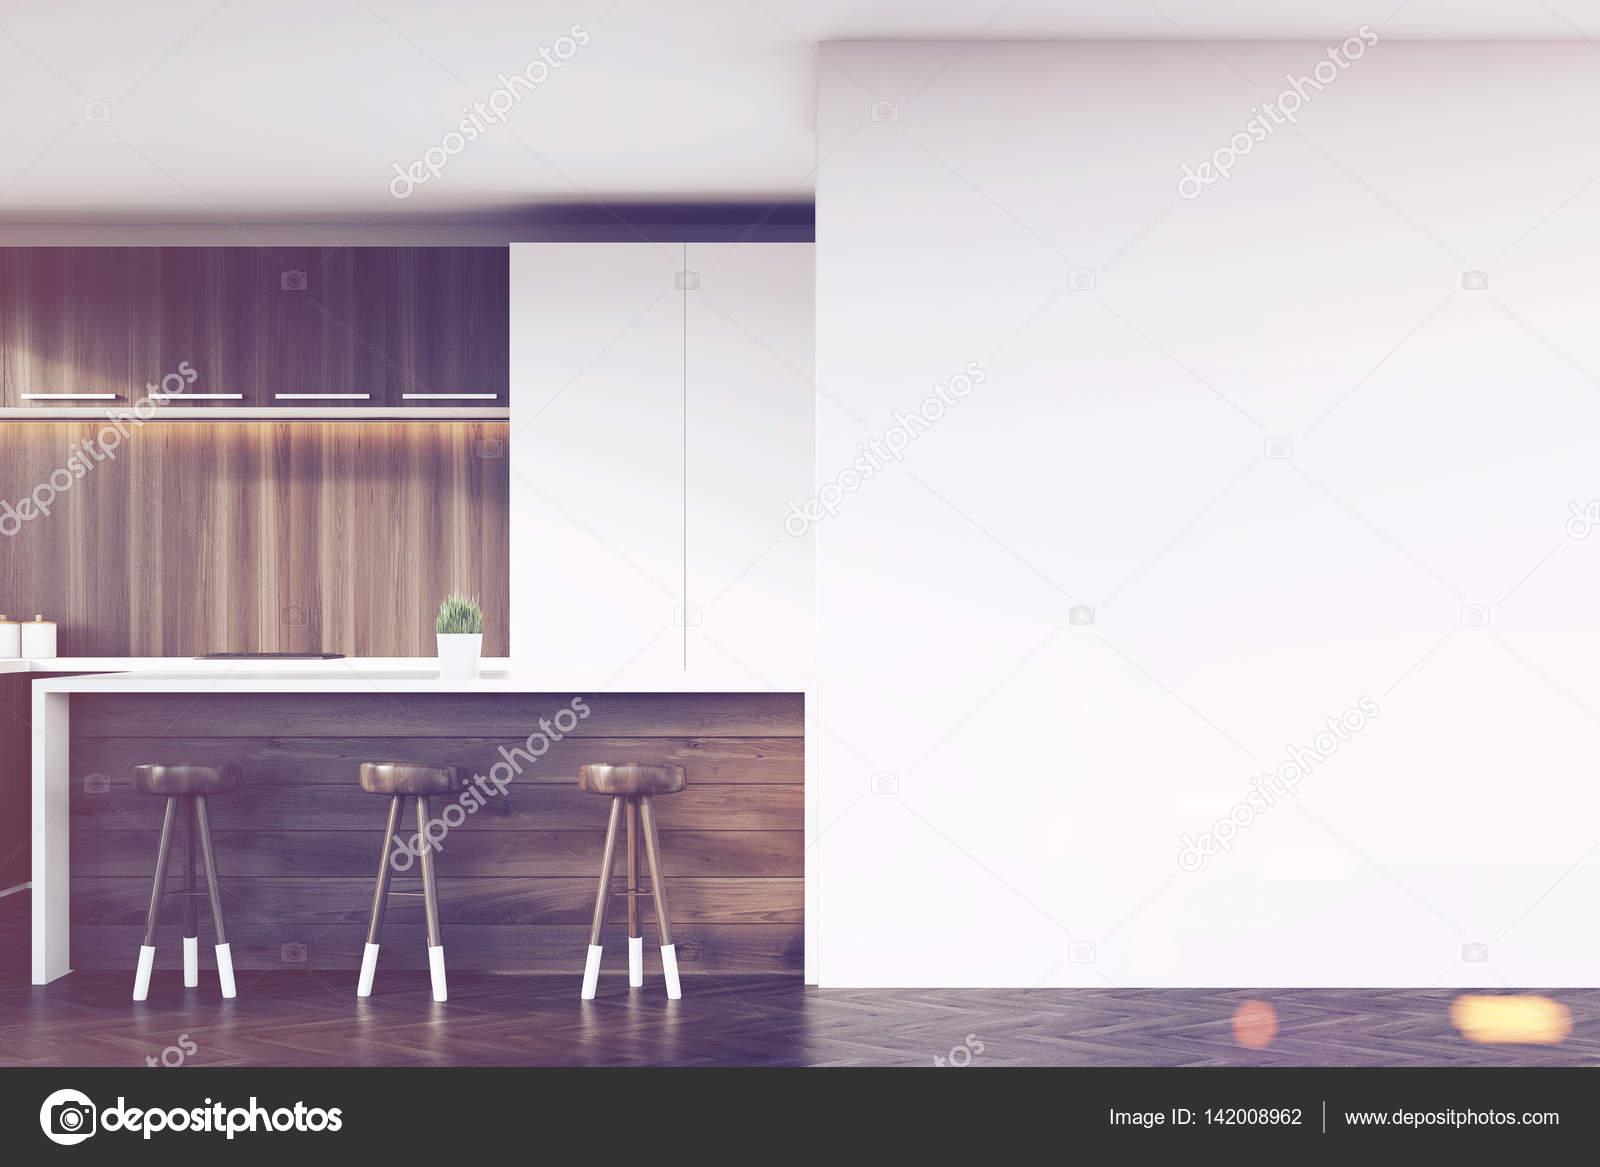 Nahaufnahme der Küchenbar und Hockern, getönt — Stockfoto ...